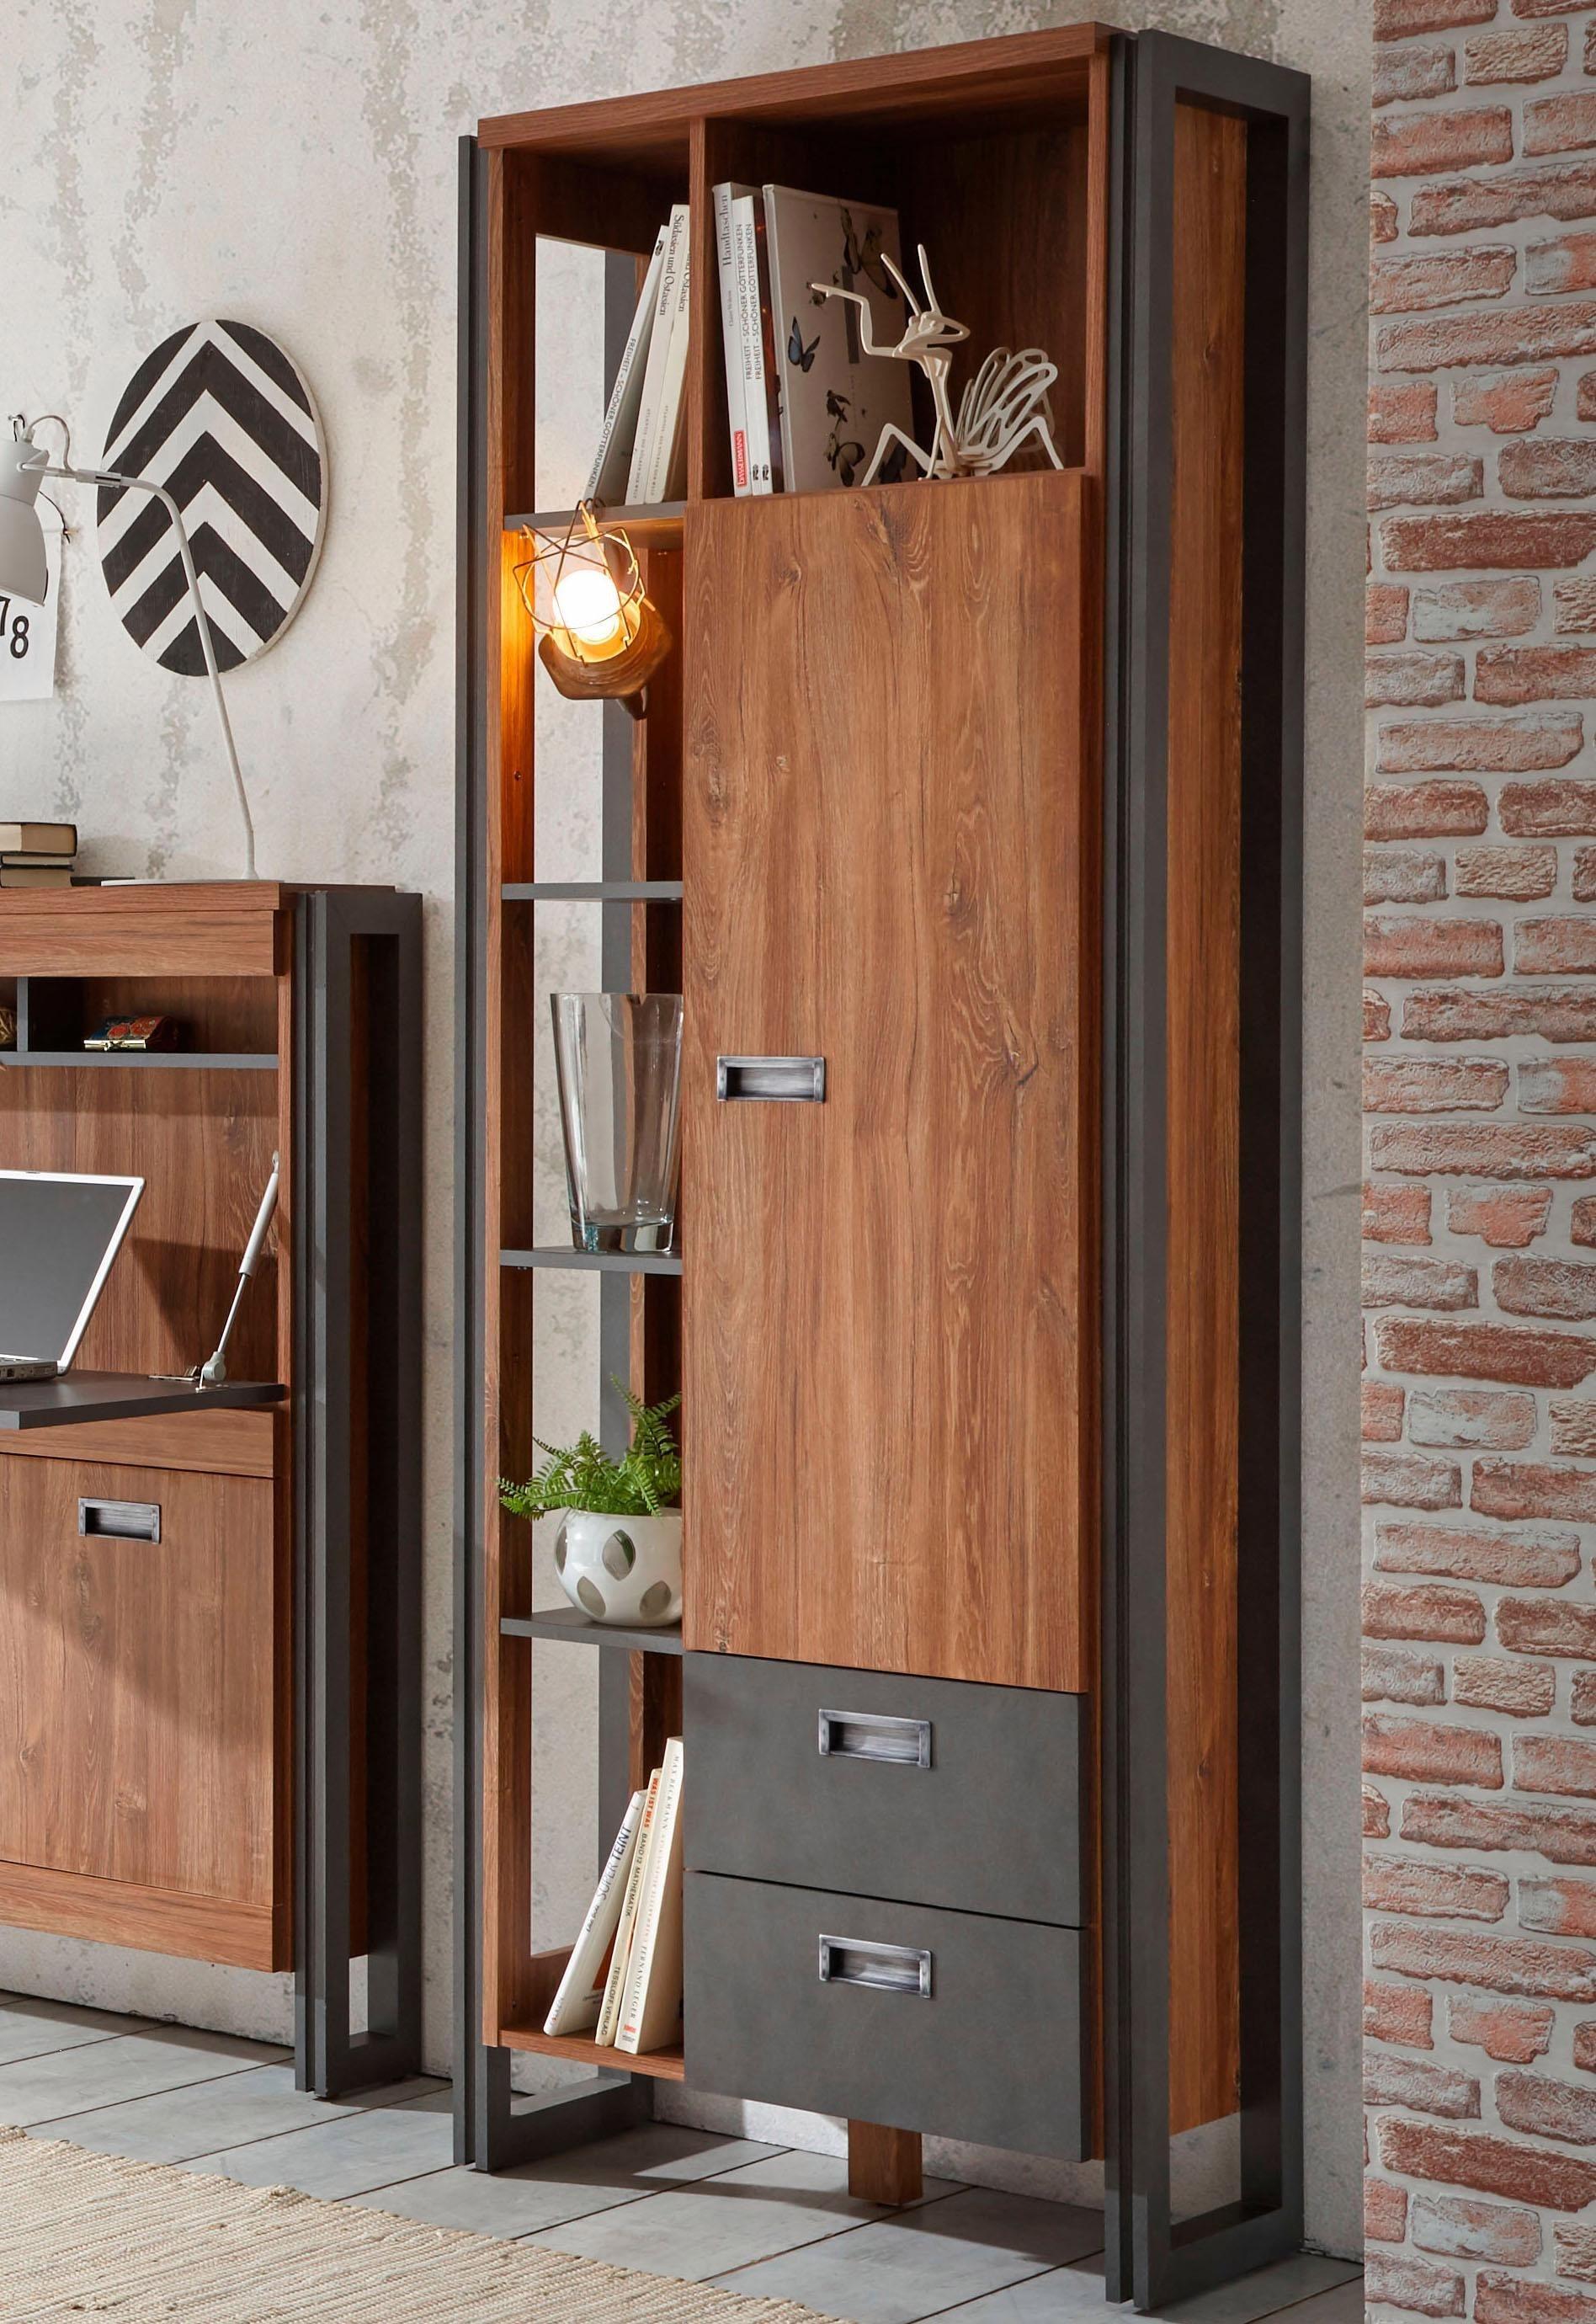 Otto Detroit Wohnzimmer Hartwaren Wohnen Baumarkt Einrichten Regal Z B Home